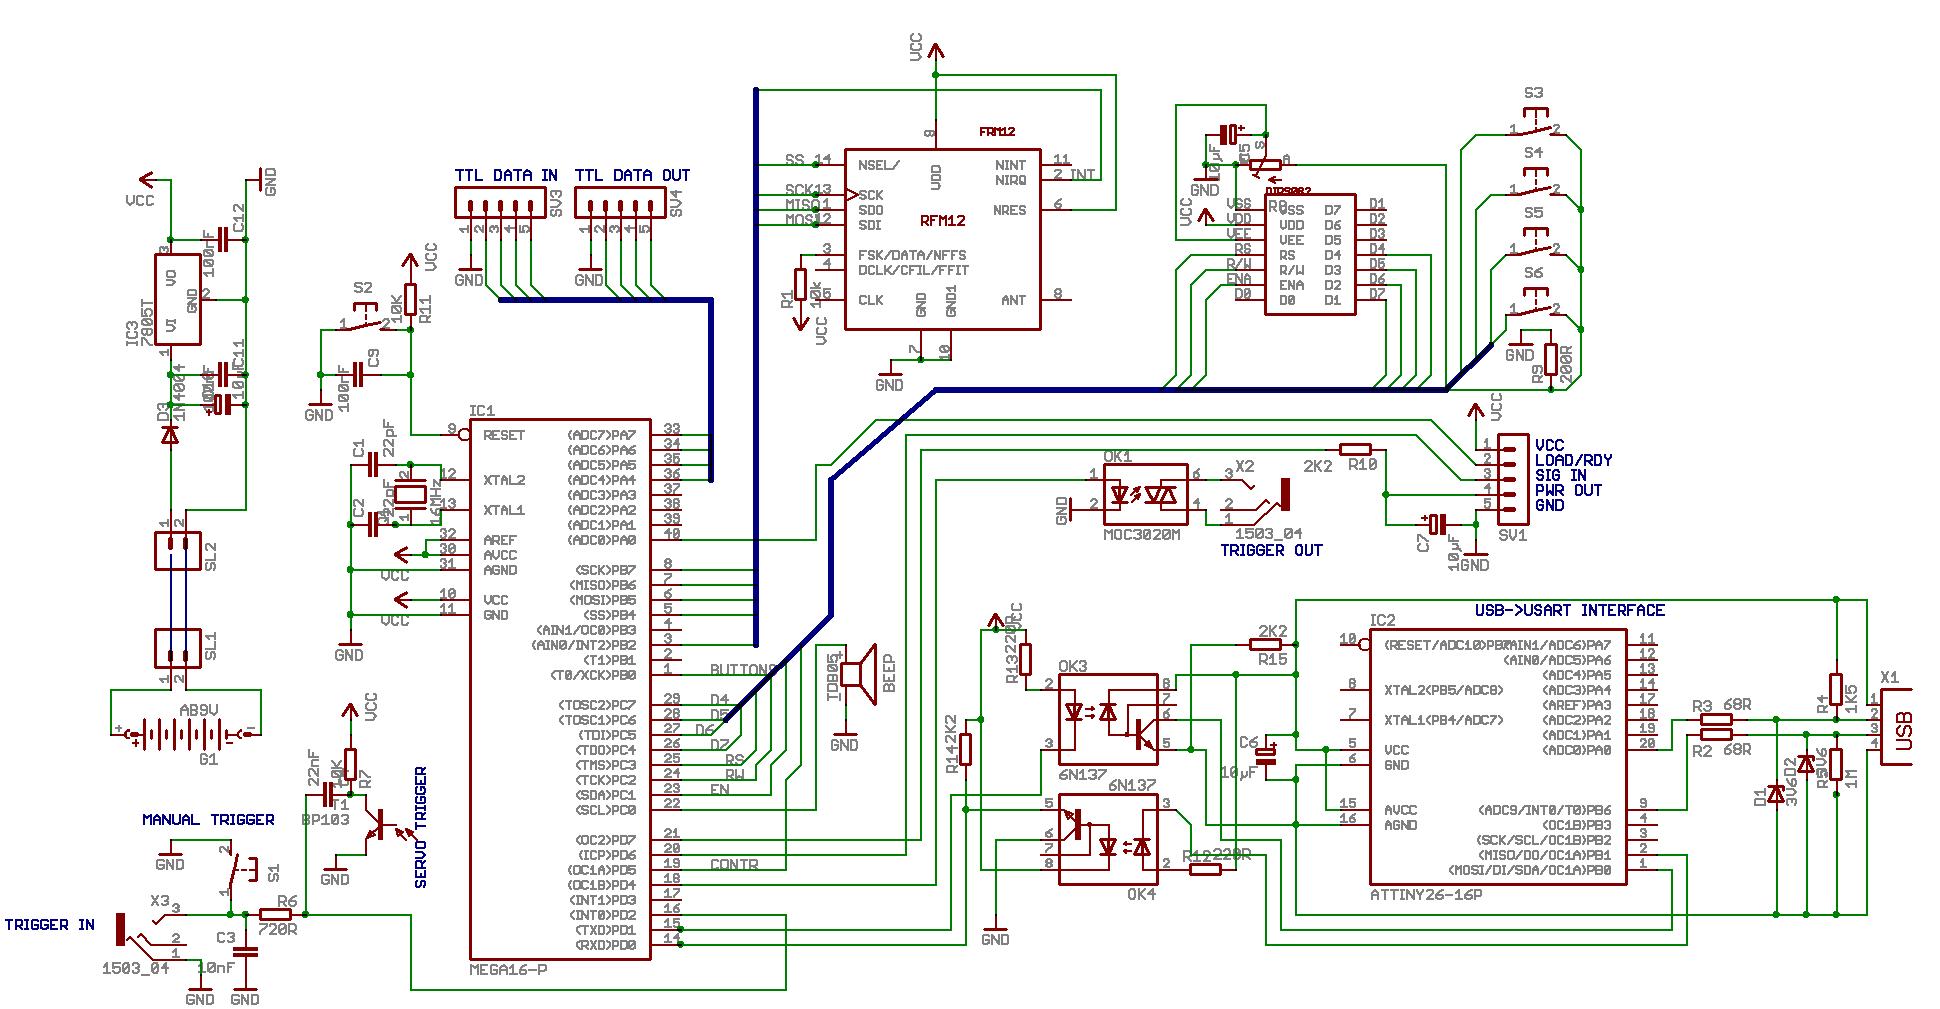 USB galvanisch trennen über ATTINY/USART - Mikrocontroller.net